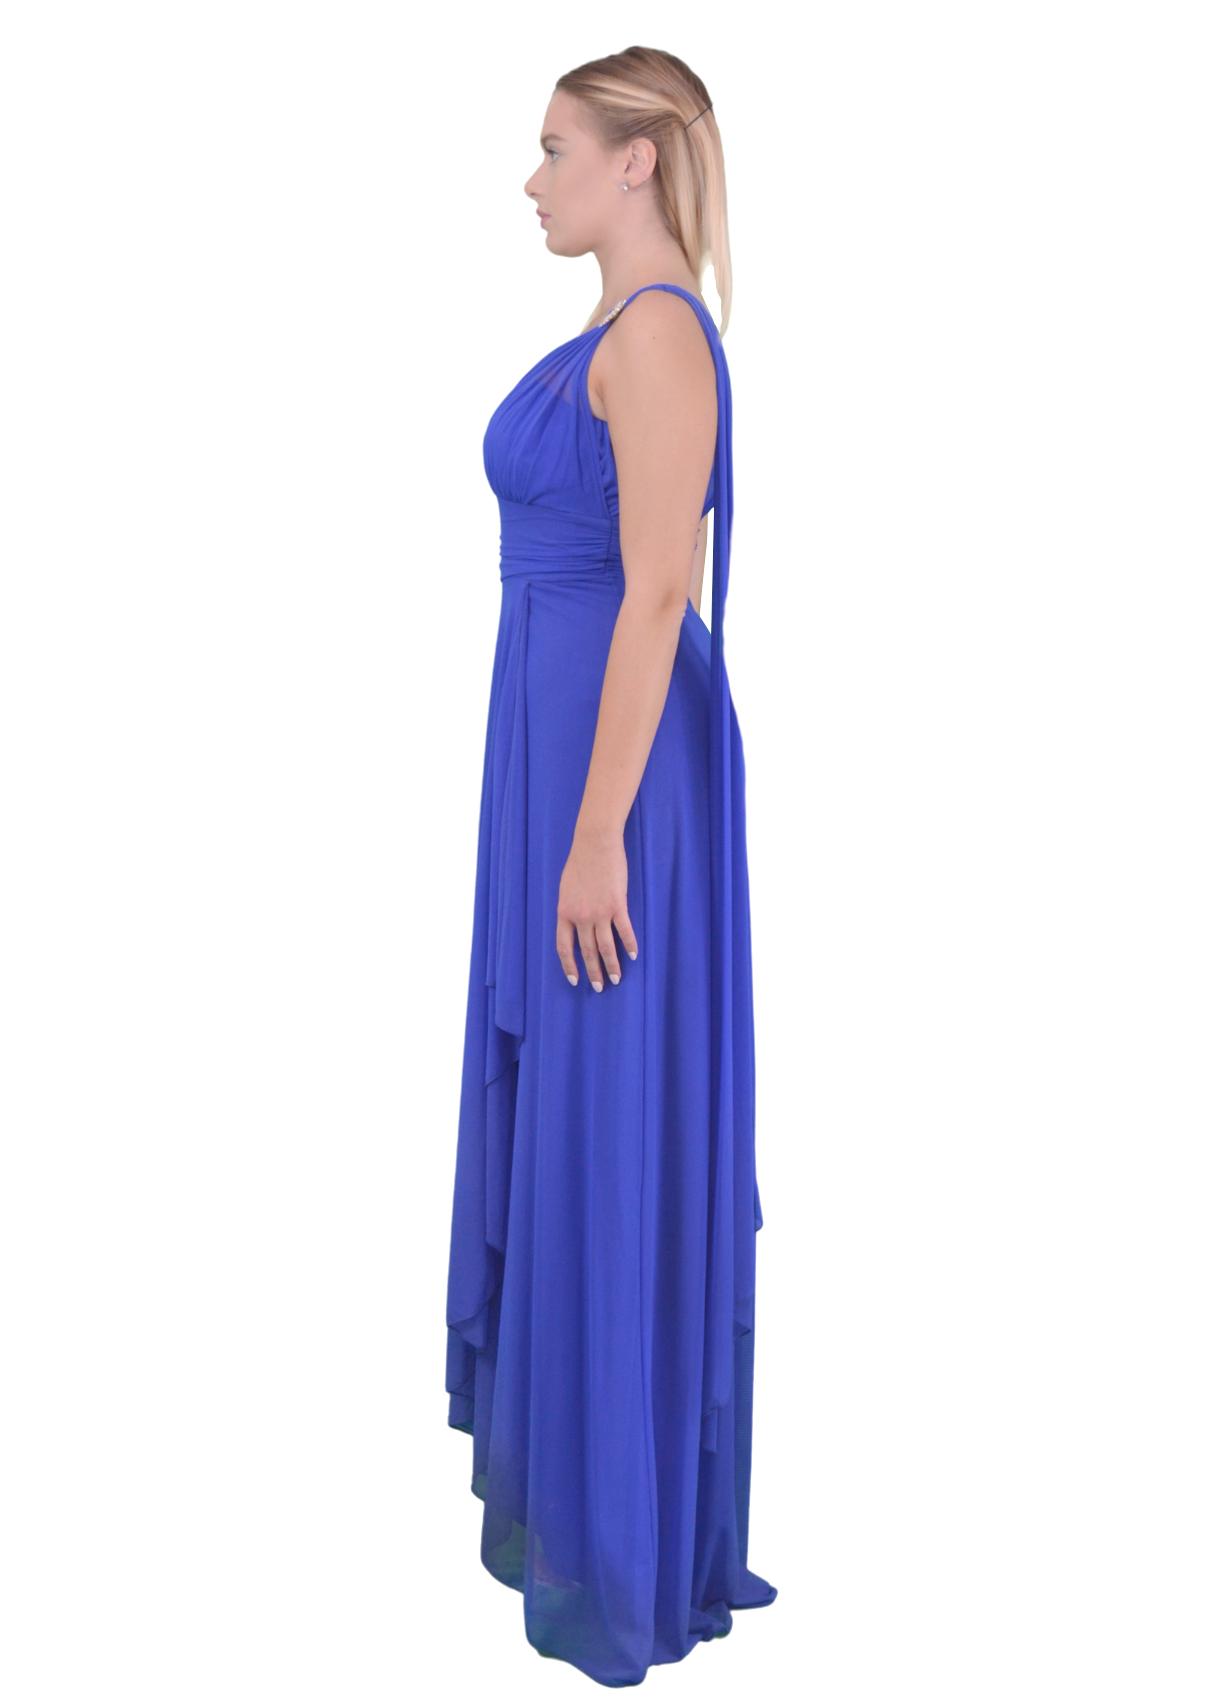 Long dress one shoulder  SAVUKA |  | 31617COBALTO